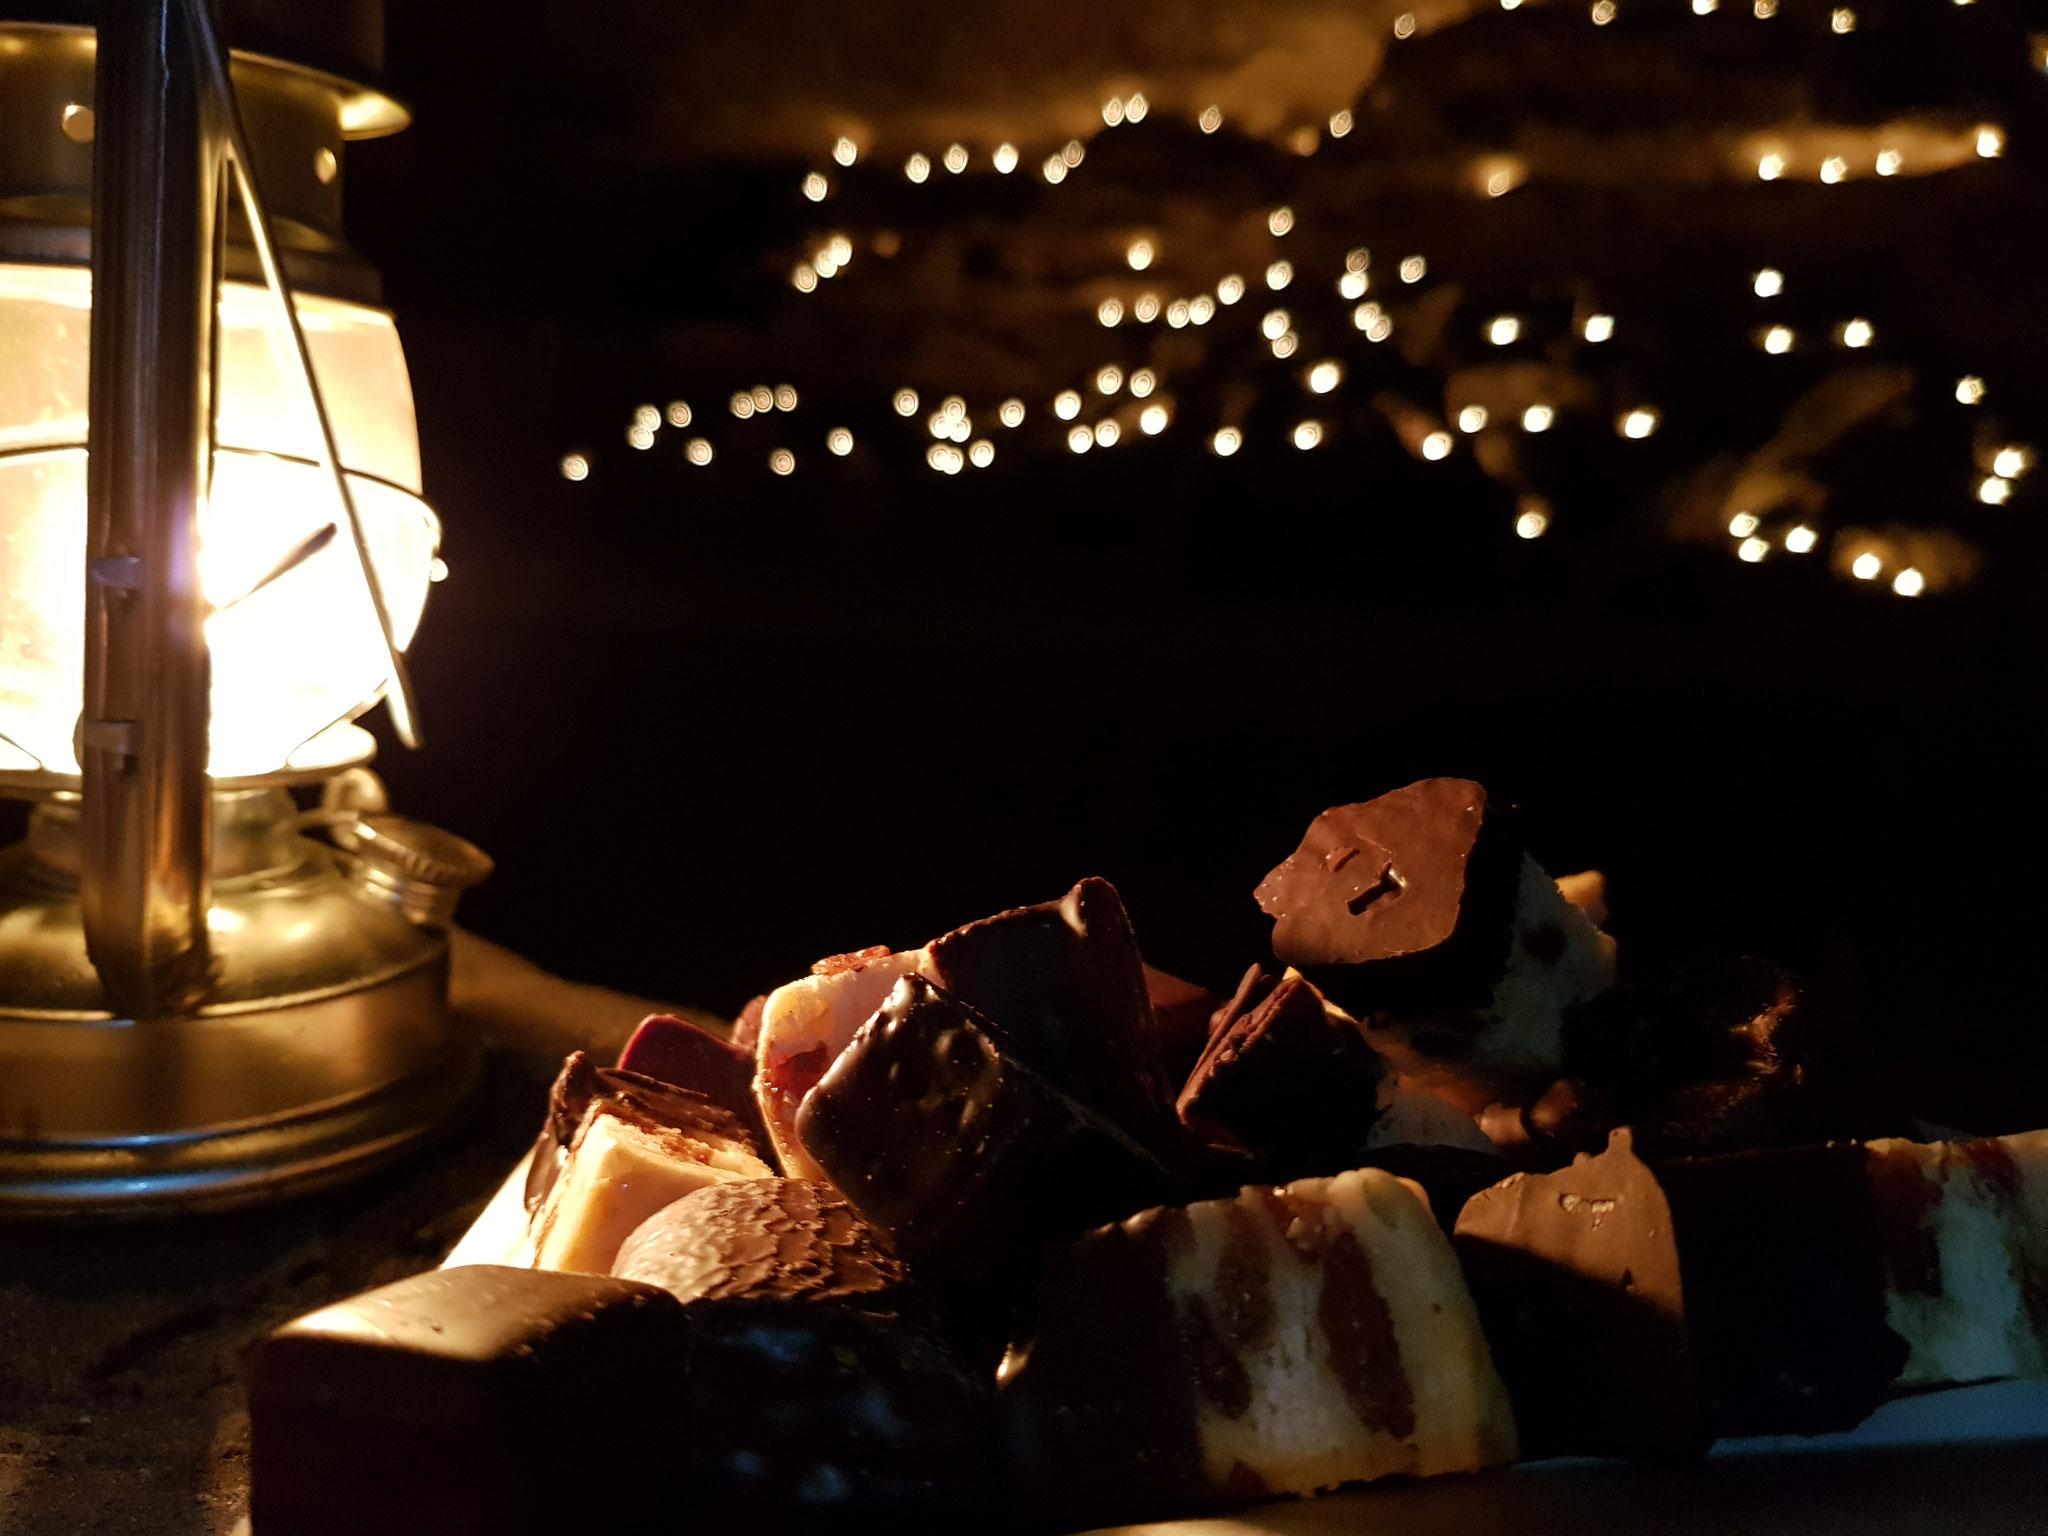 Stollenkonfekt in der Lichterhöhle bei 200 Teelichtern